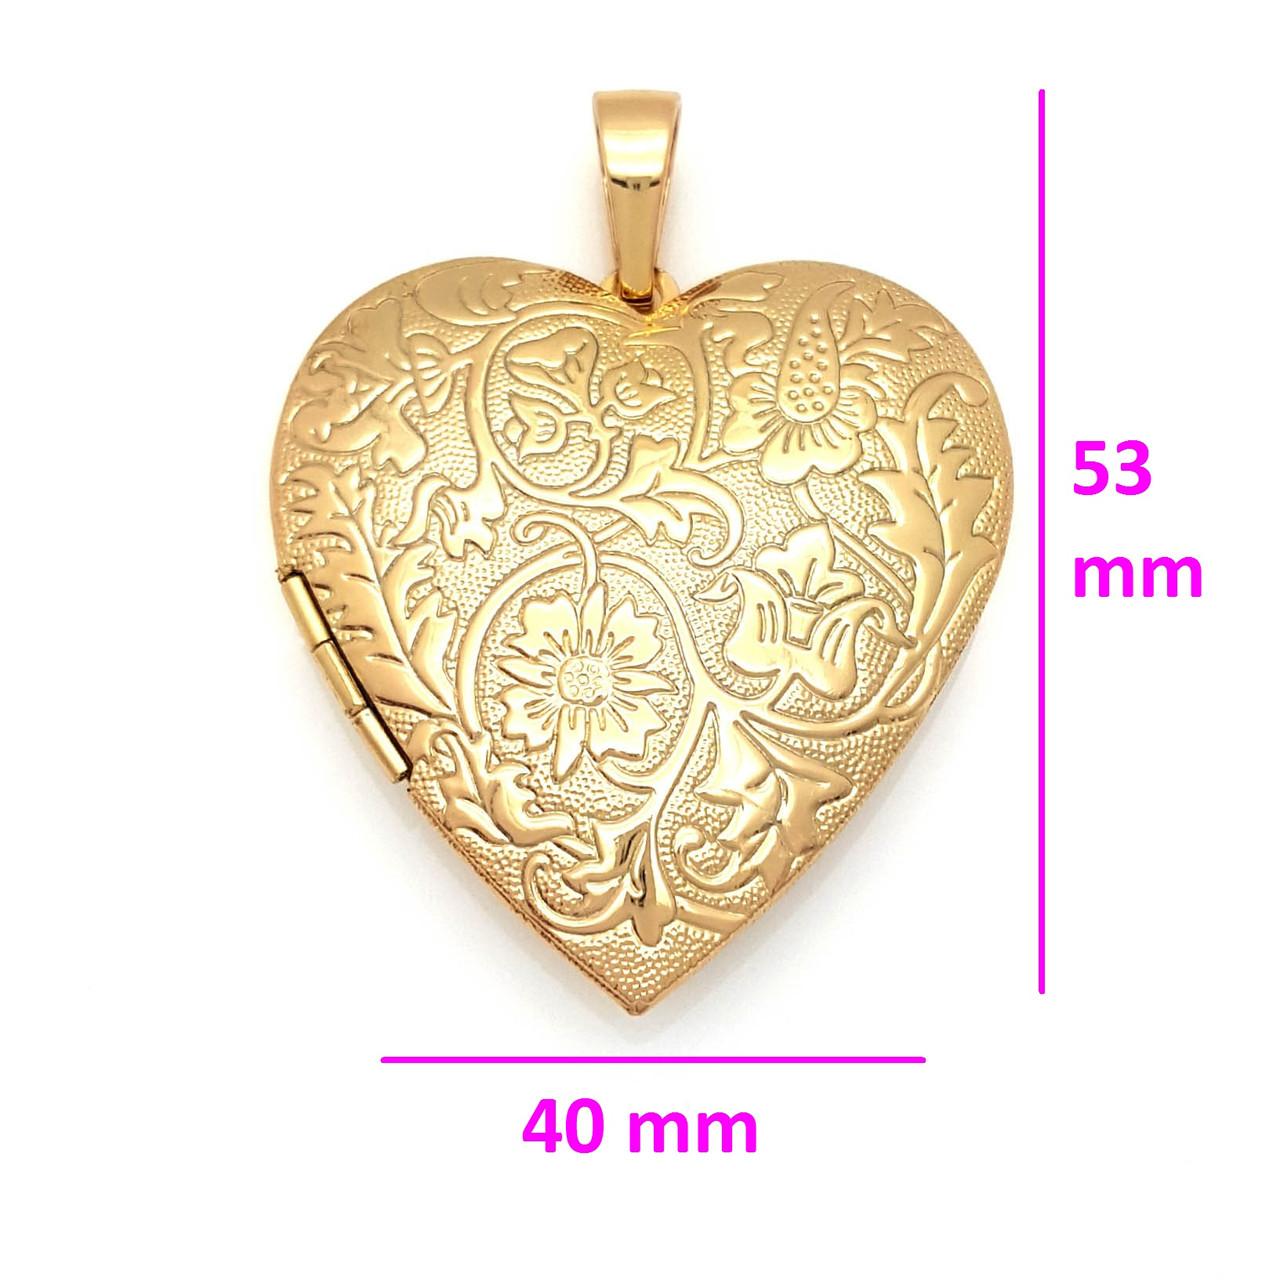 Кулон Сердце, с цветочным рисунком, открывающийся, позолота Xuping